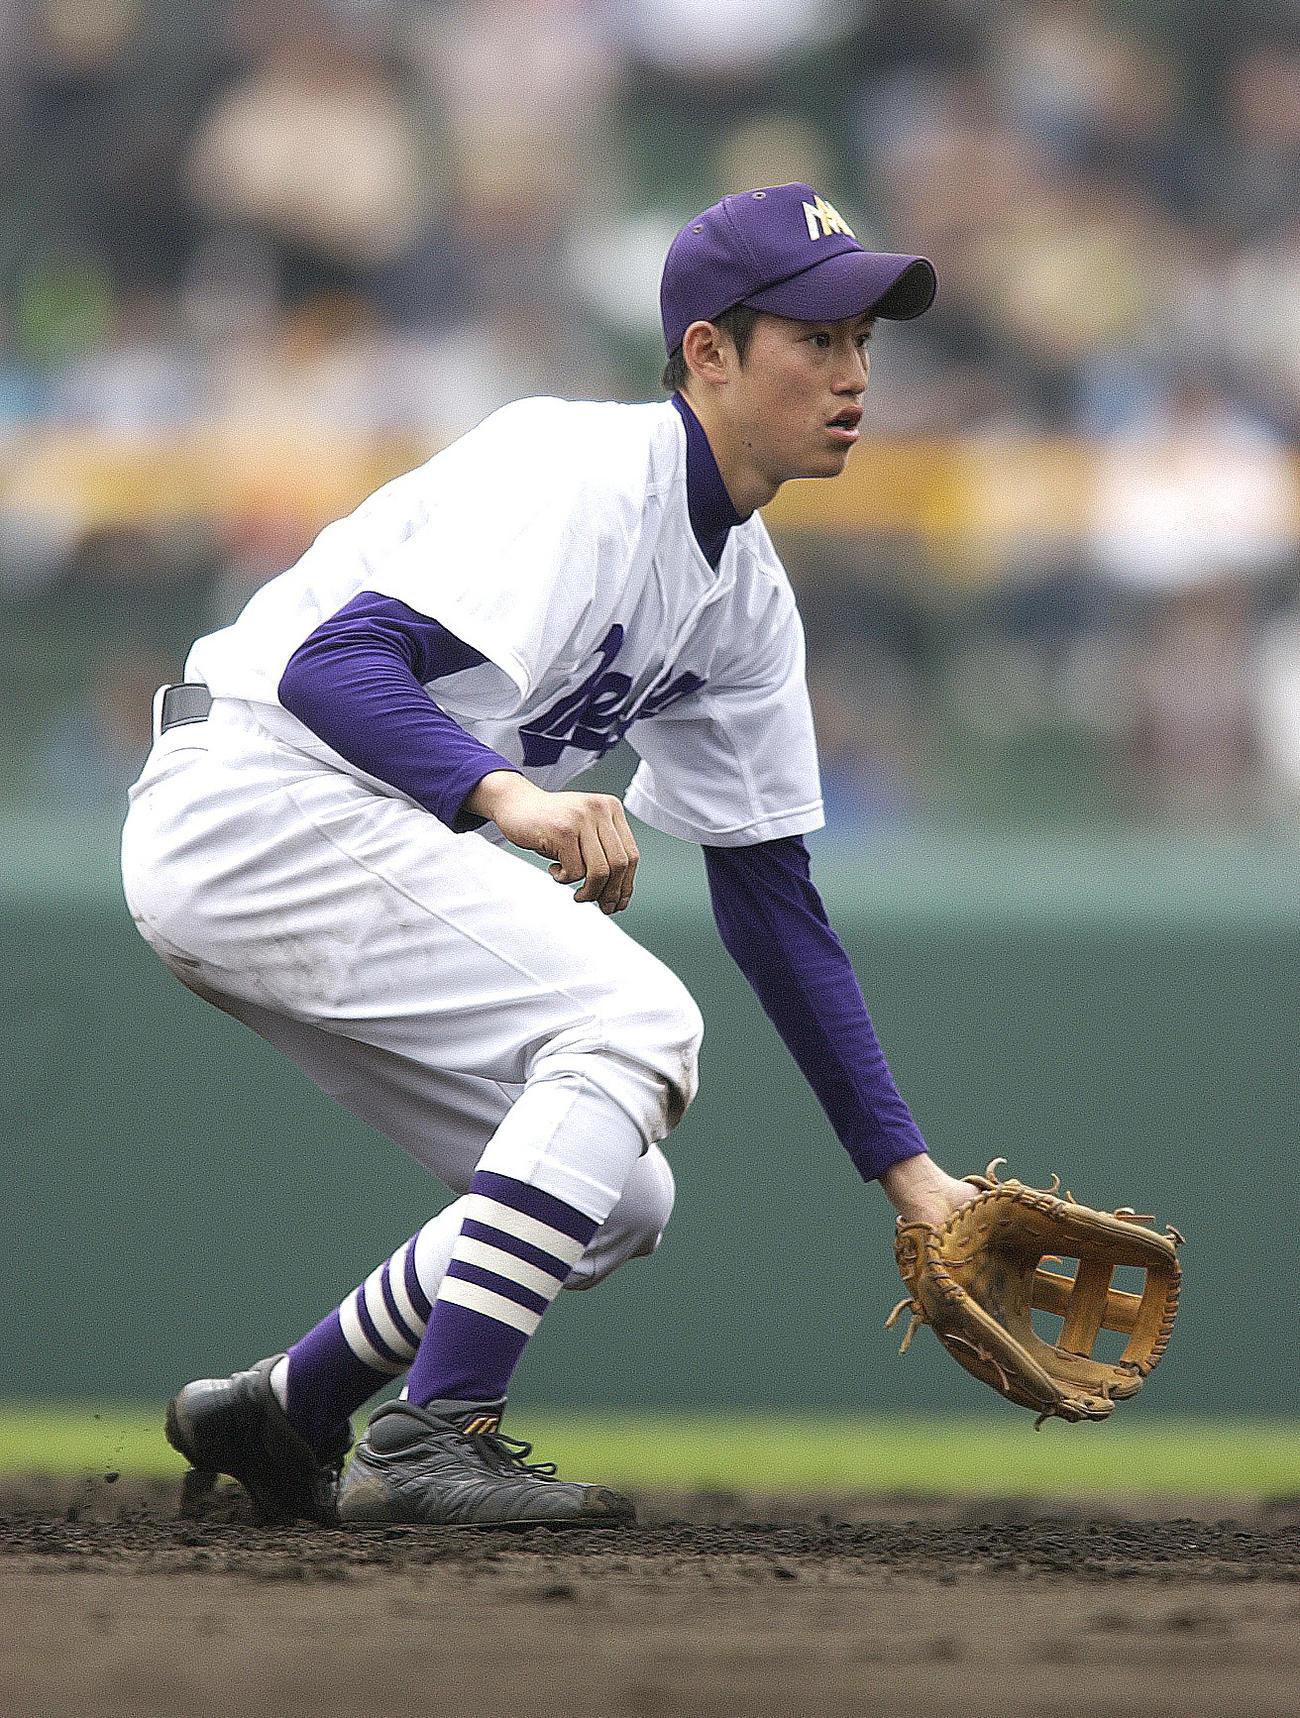 愛工大名電・柴田さん 軟式野球部の監督で全国8強 - 高校野球写真 ...